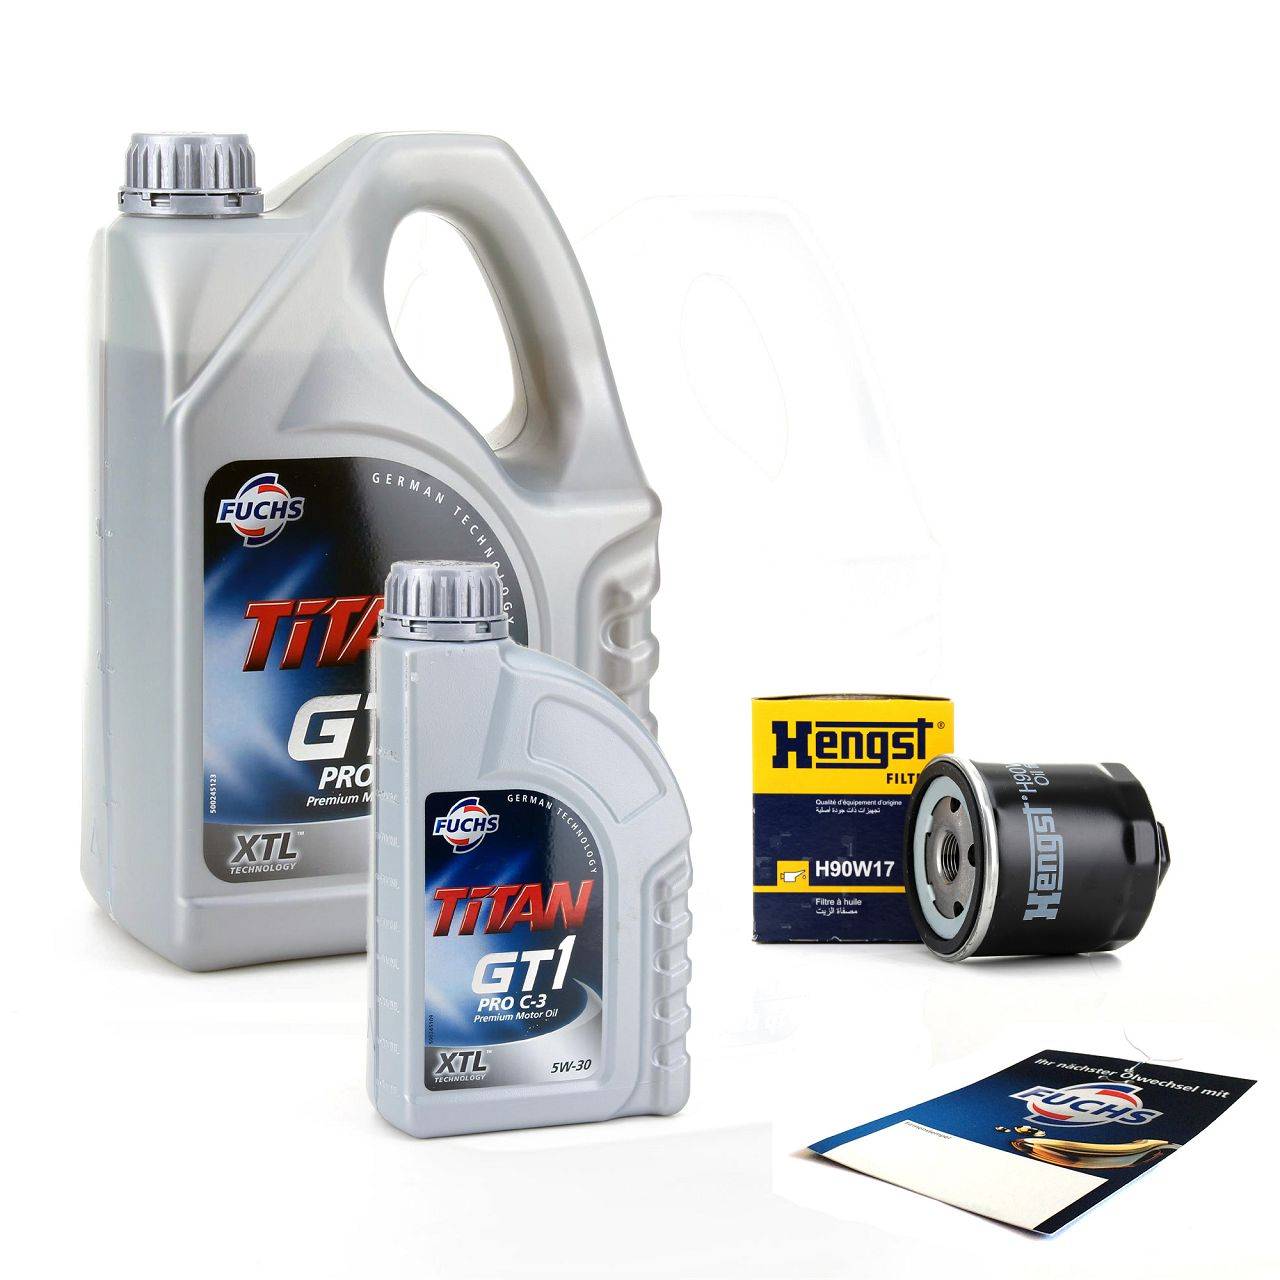 FUCHS Motoröl TITAN GT1 Pro C-3 5W-30 5 Liter 5L + HENGST Ölfilter H90W17